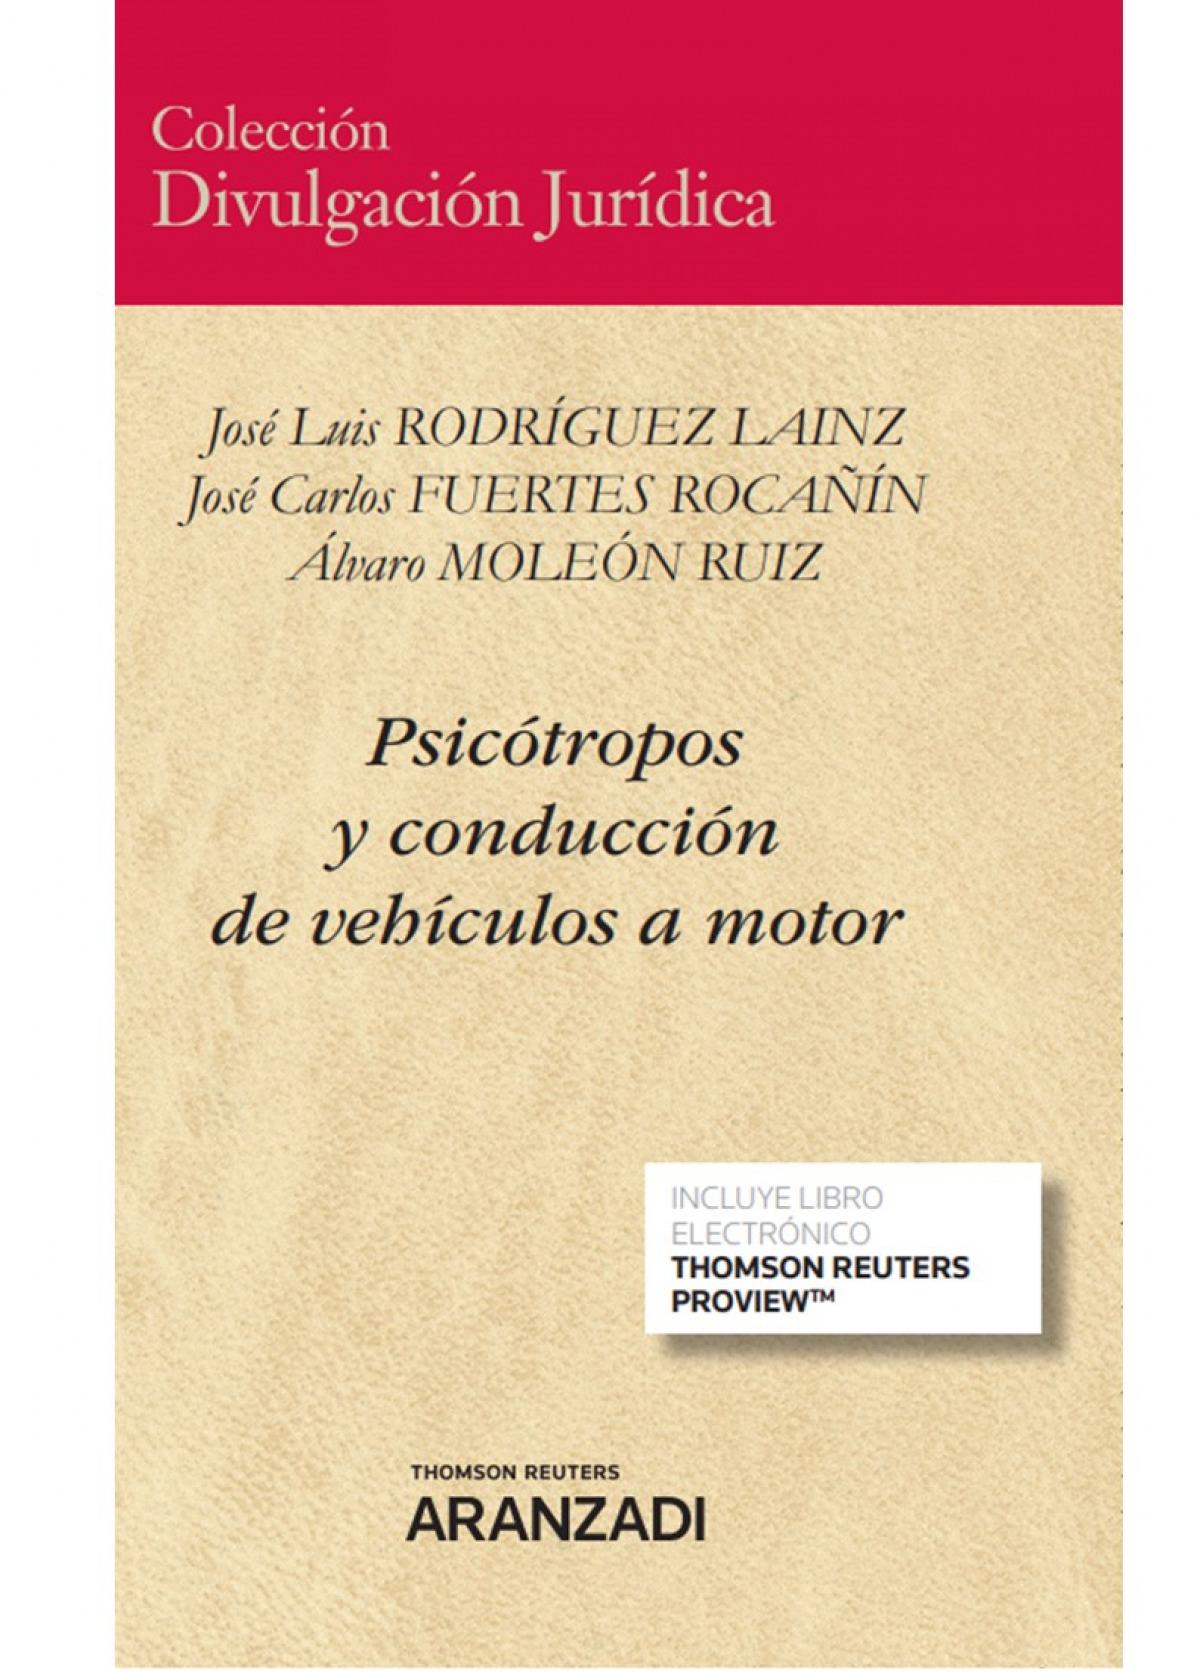 PSICOTROPOS Y CONDUCCION DE VEHICULOS A MOTOR DUO 9788413457352